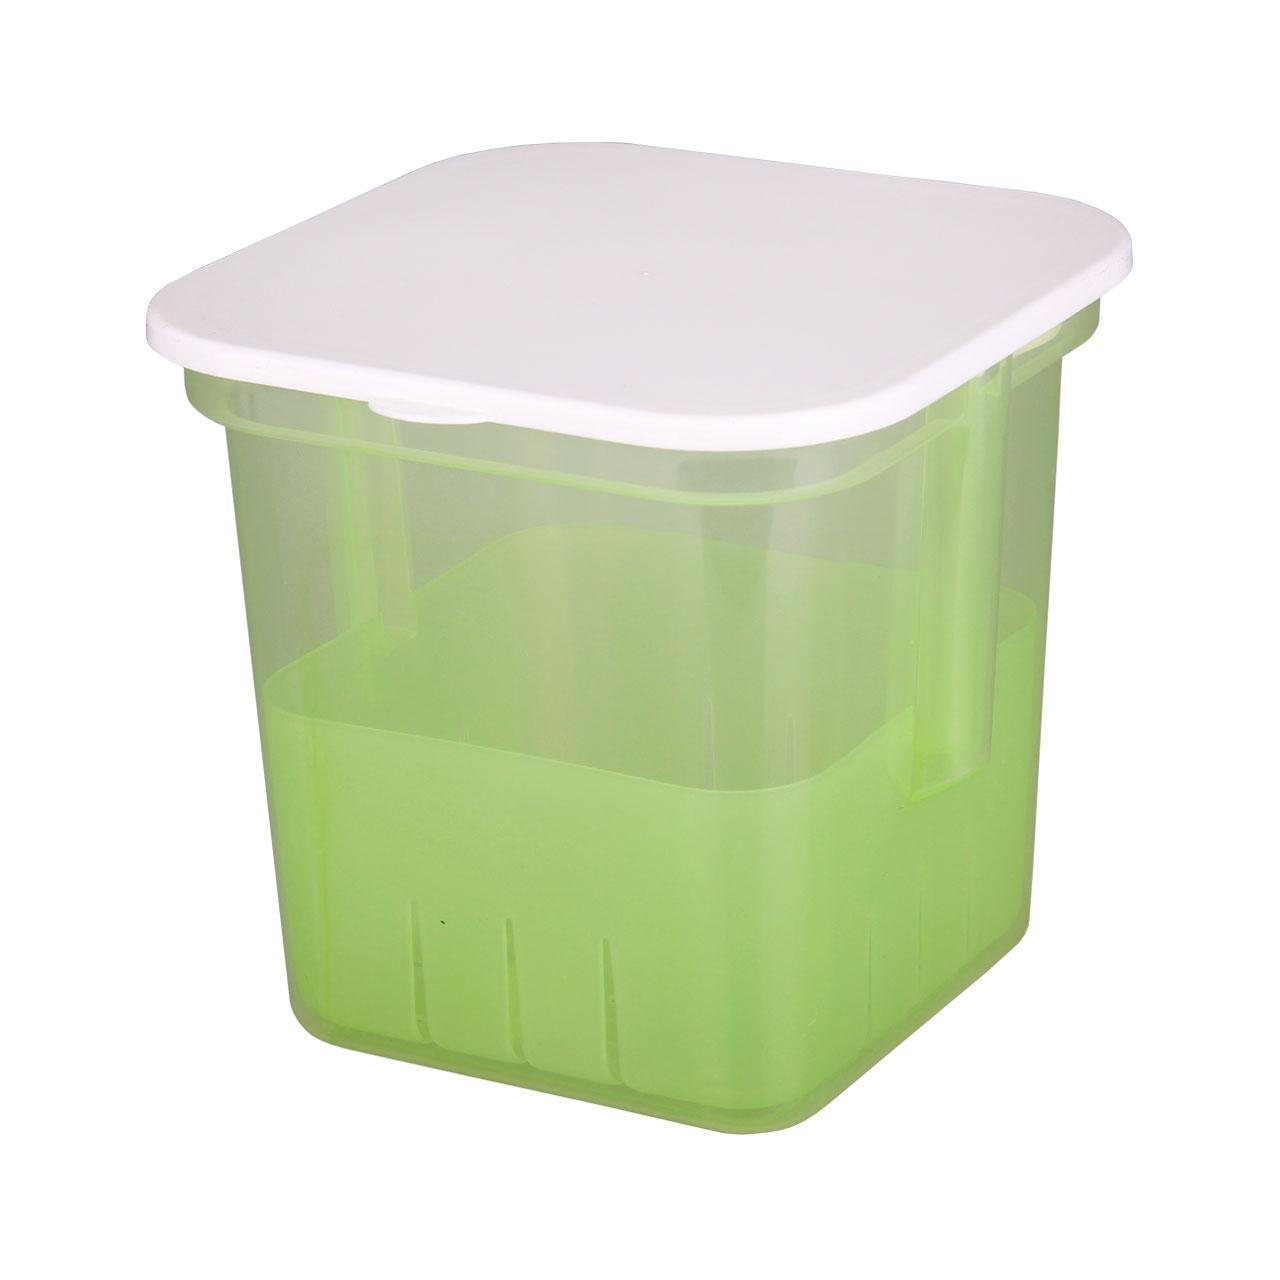 Банка для солений Альтернатива, с крышкой и вставкой, цвет в ассортименте, 3 л ящики для игрушек альтернатива башпласт контейнер лапландия 7 л